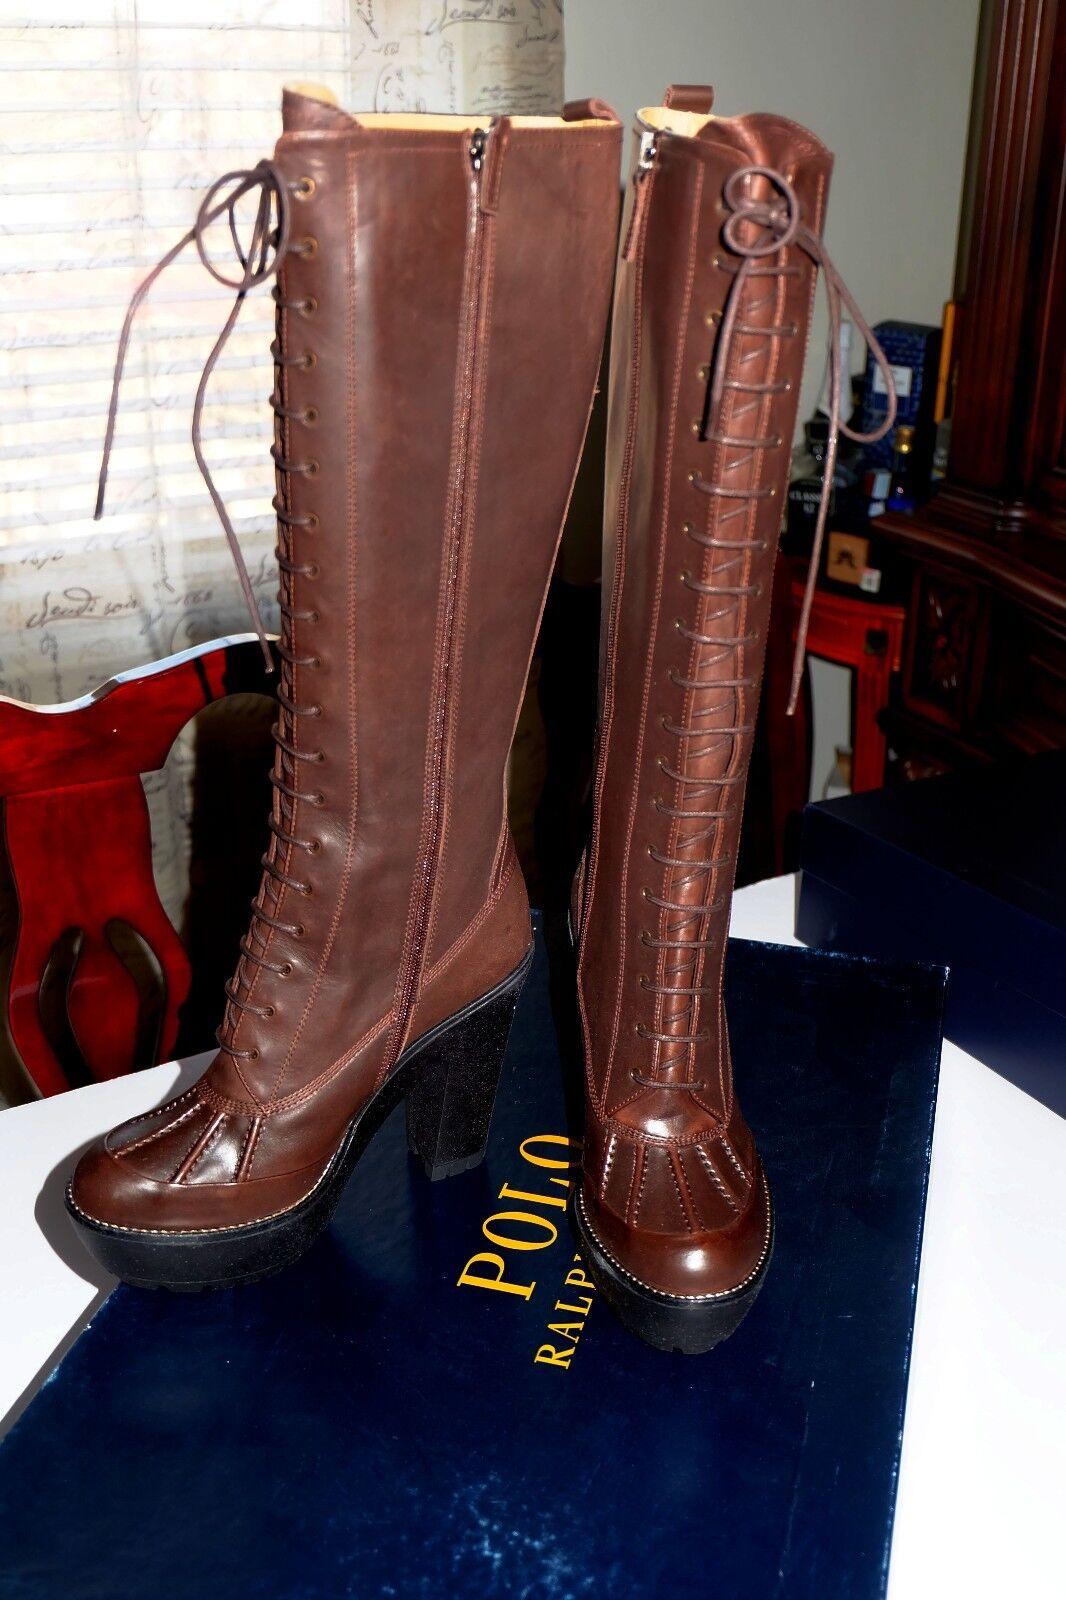 Garanzia del prezzo al 100%  695 NIB Authentic Authentic Authentic Polo RALPH LAUREN Helma Marrone Burnished Calf stivali,Sz 8,Spain  comprare a buon mercato